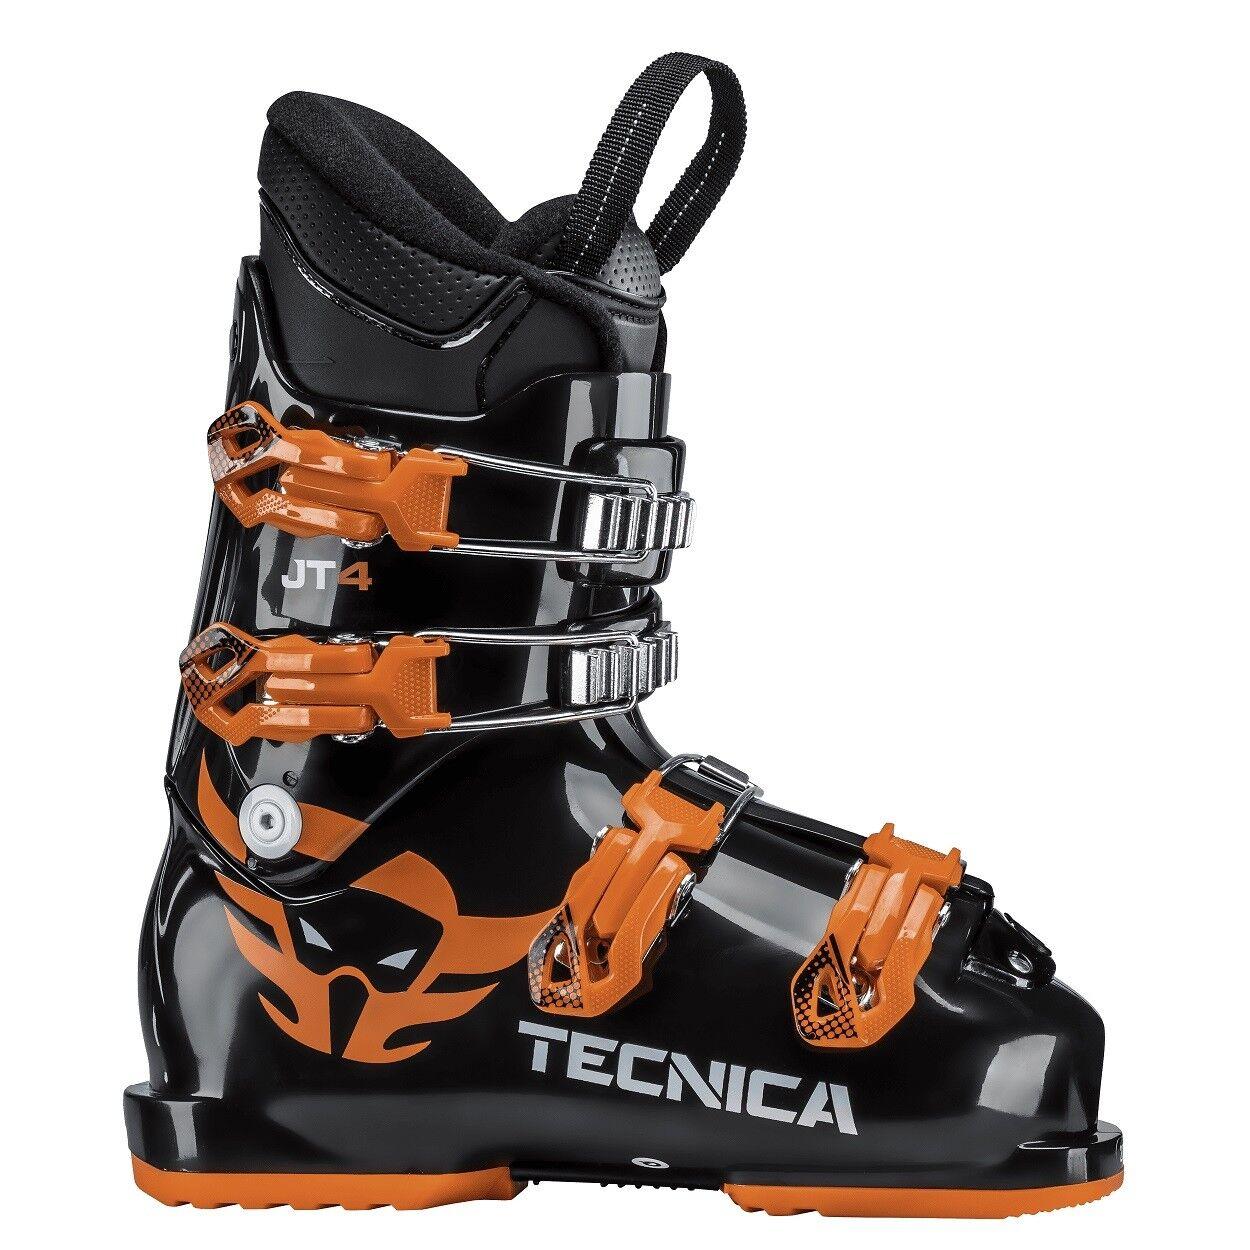 Tecnica JT 4 Ski Stiefel - 2019 - Youth - 25.5 MP